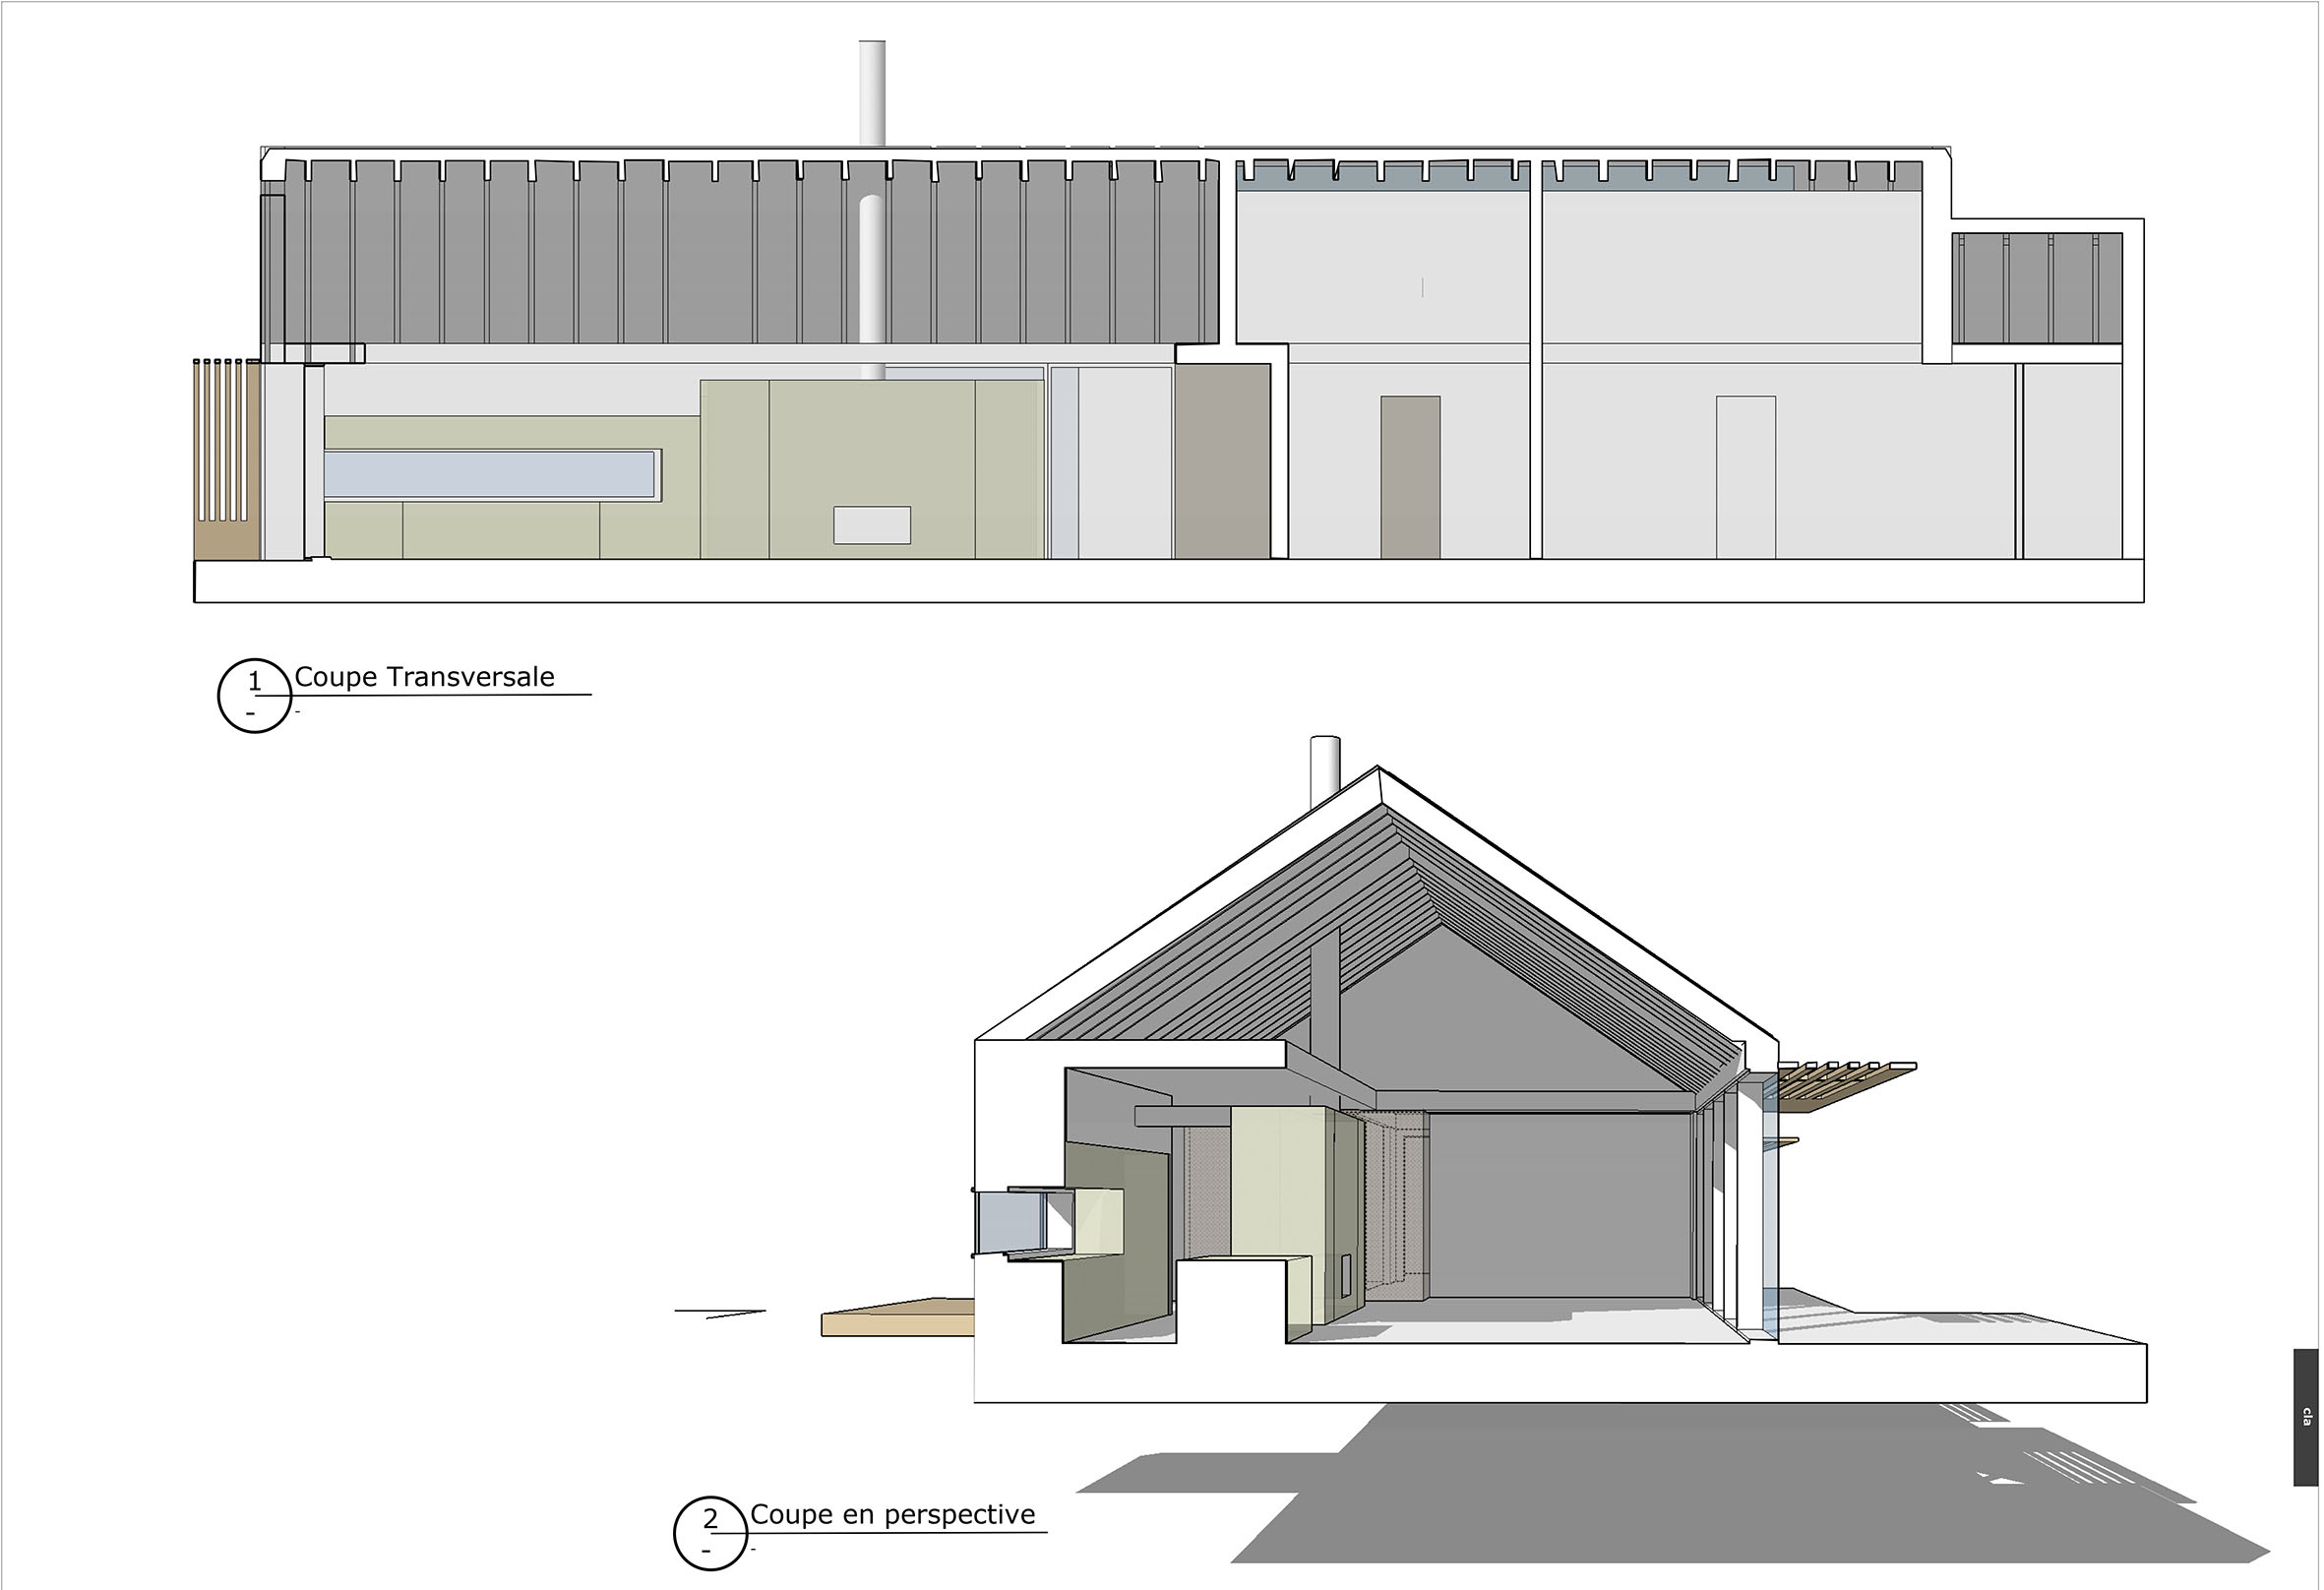 Plan View of Design